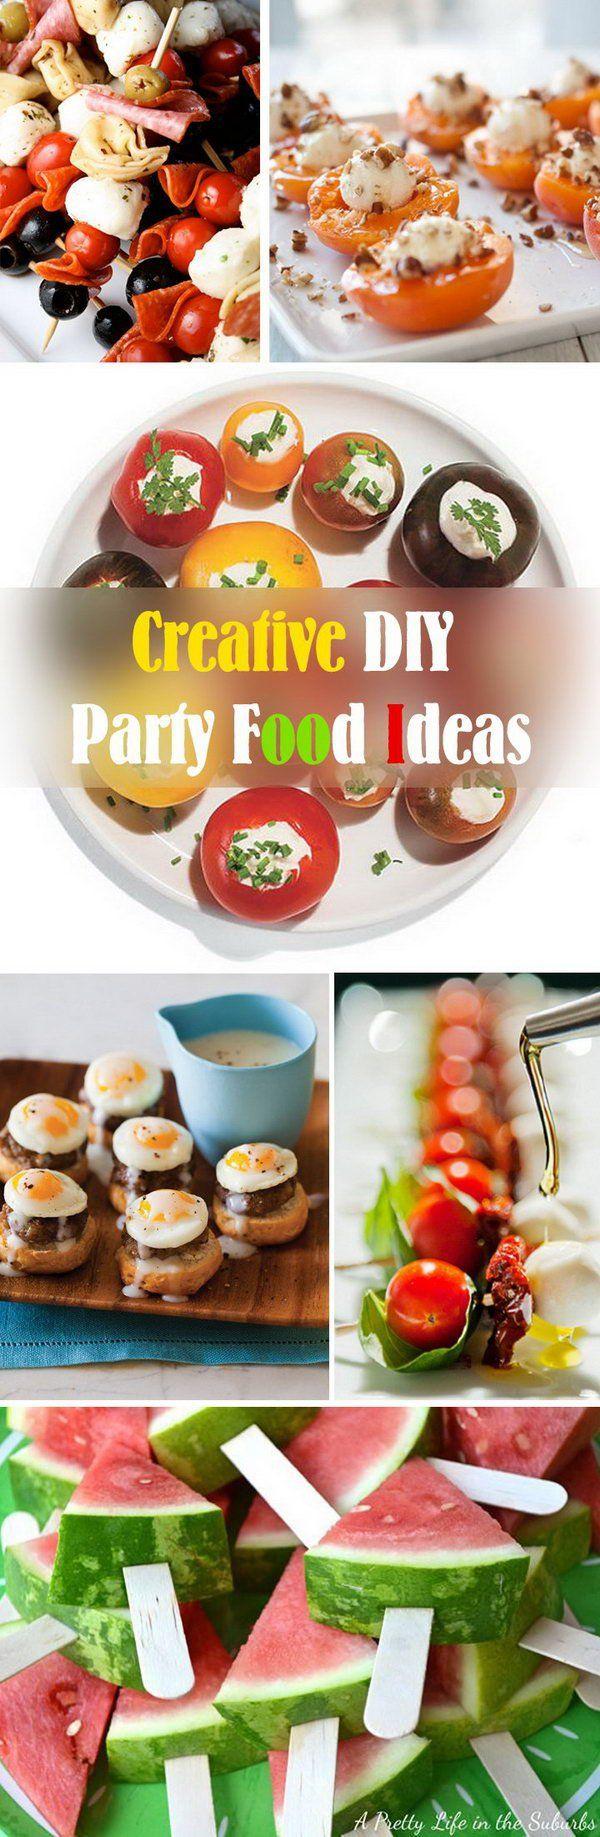 Creative DIY Party Food Ideas!